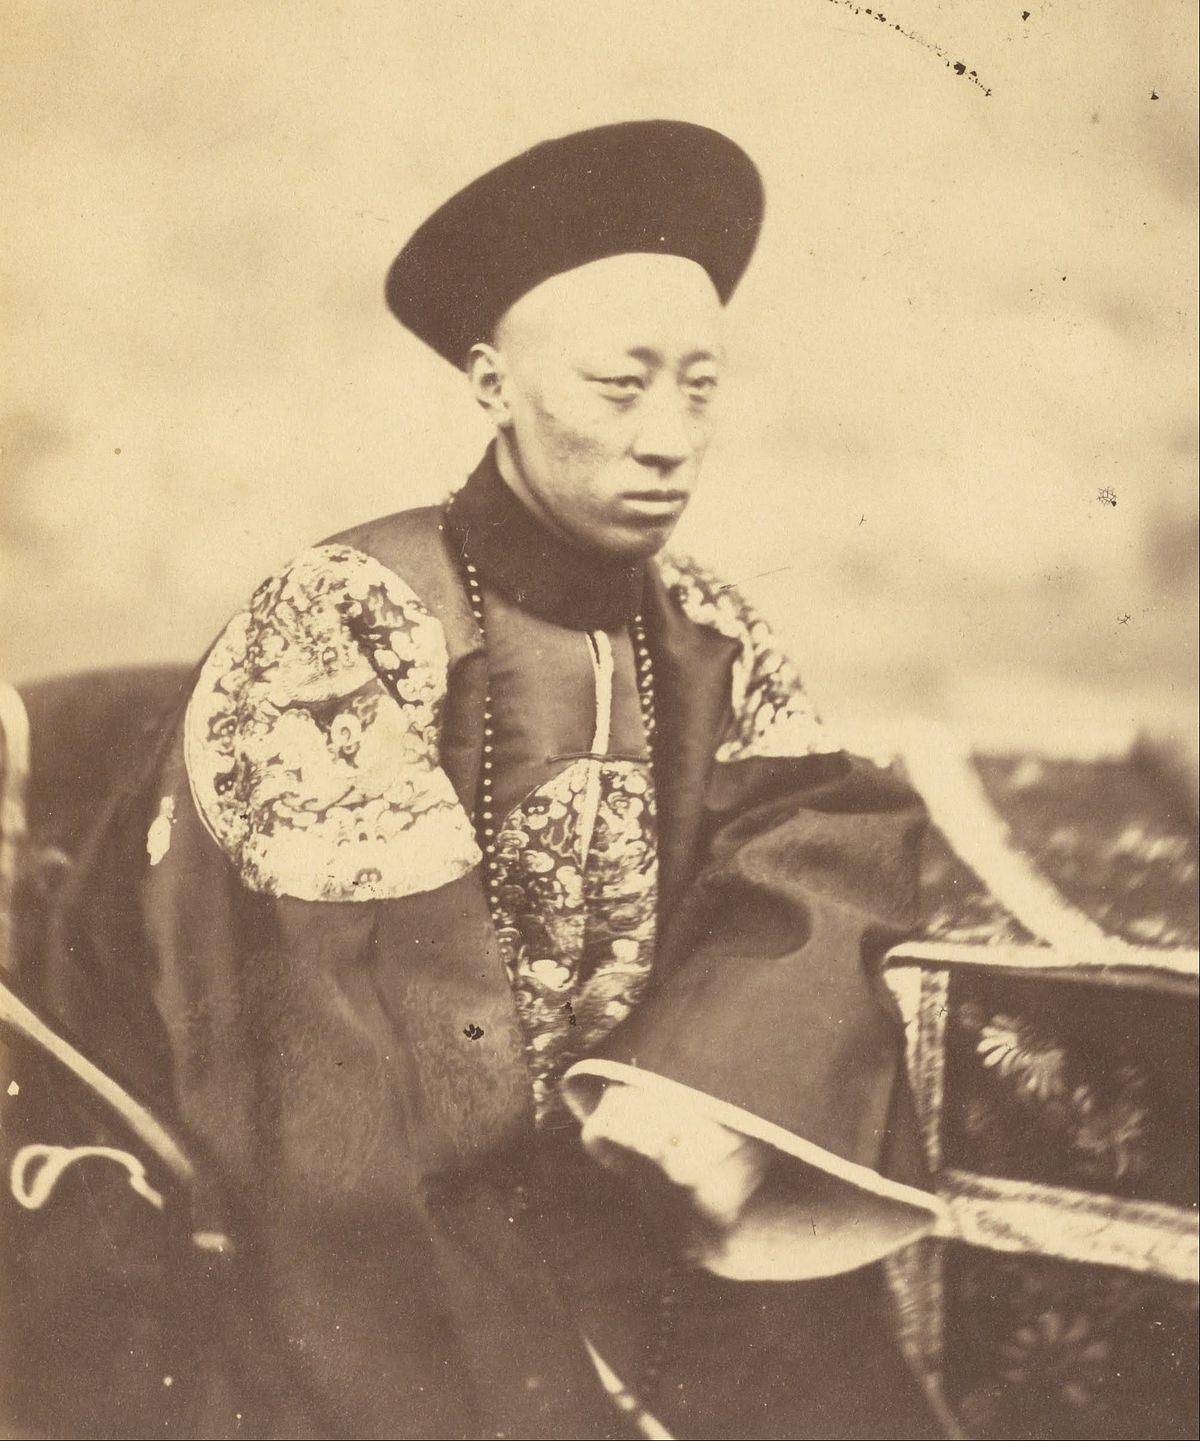 Prince Gong Wikipedia